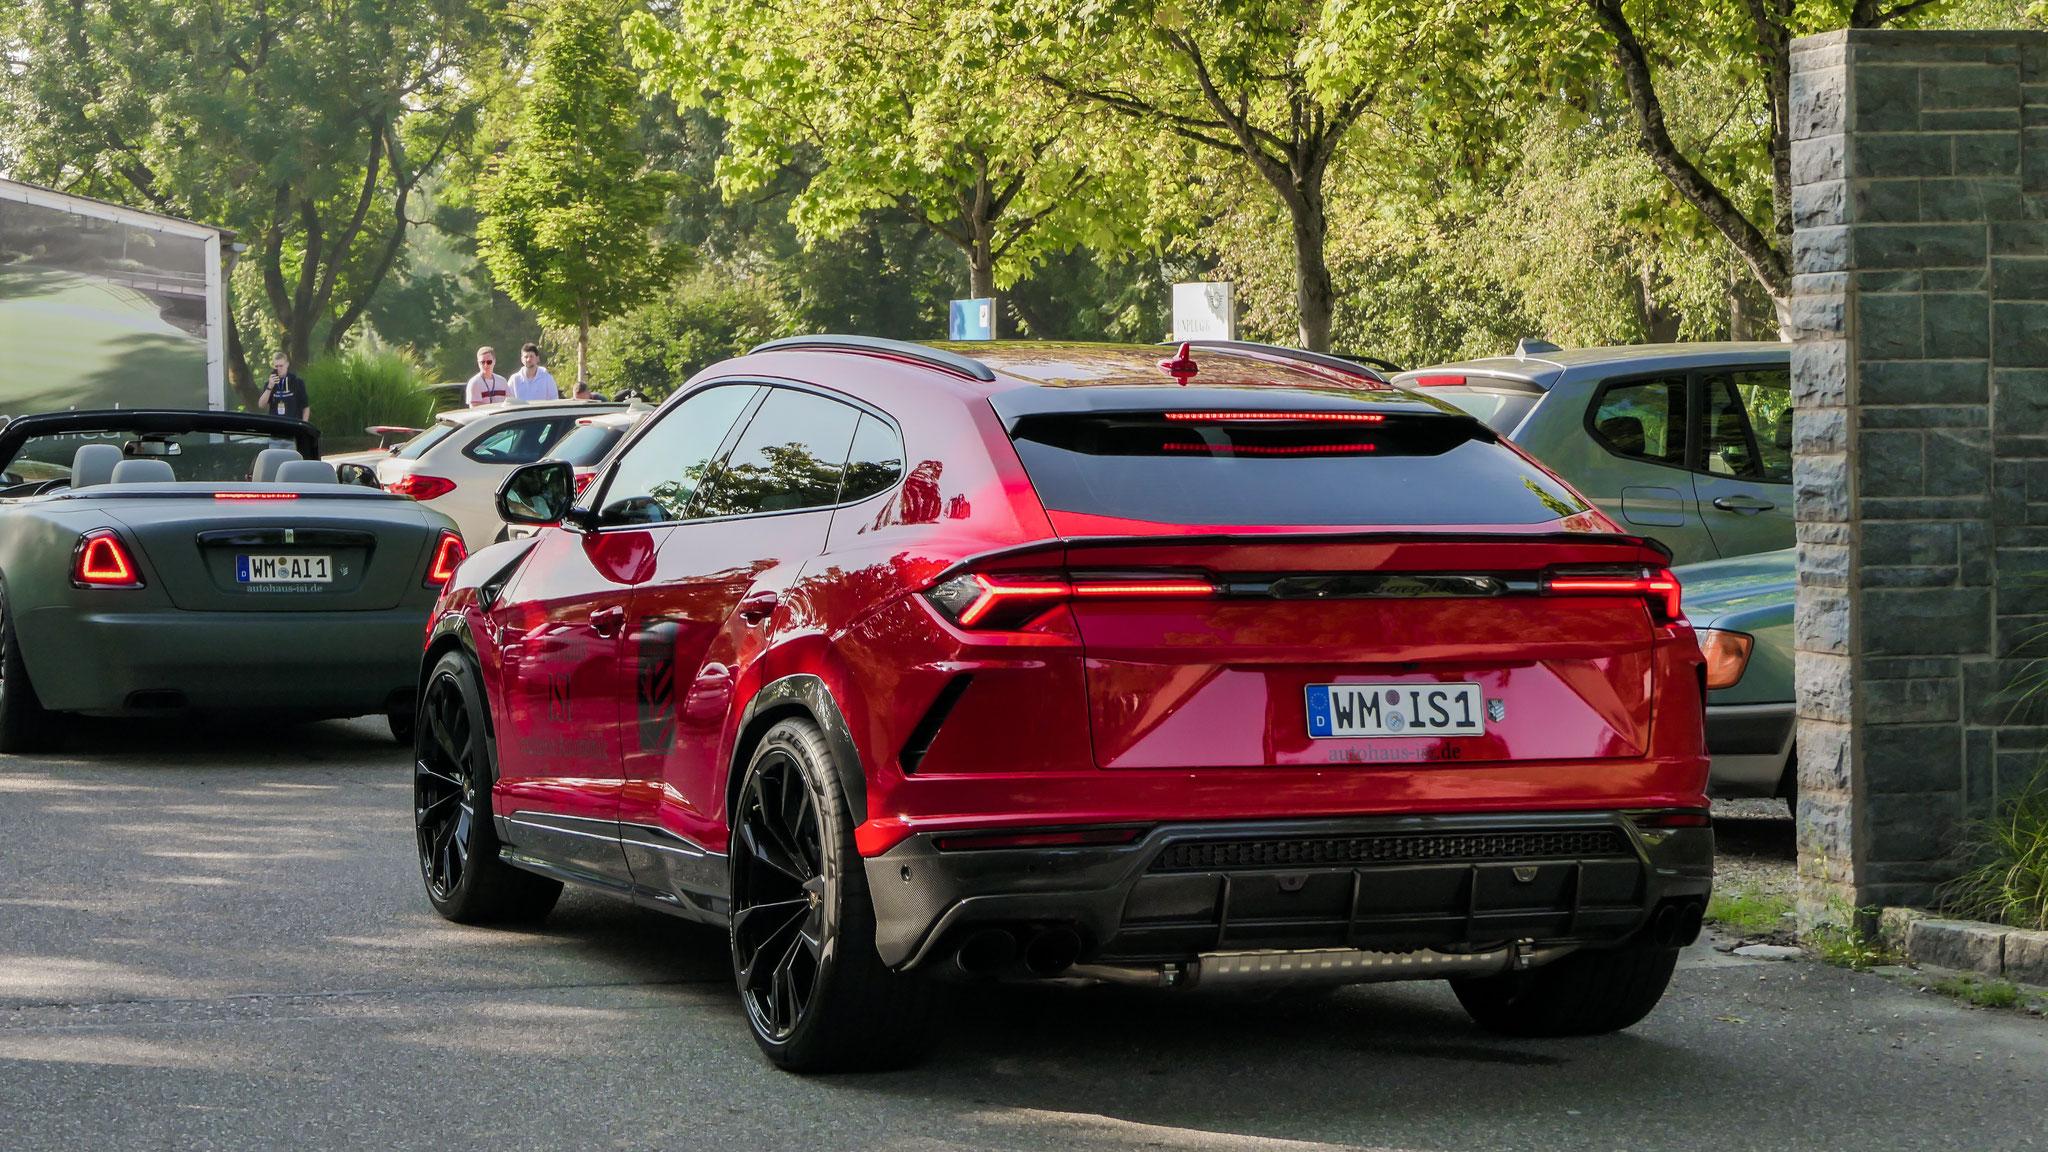 Lamborghini Urus - WM-IS-1